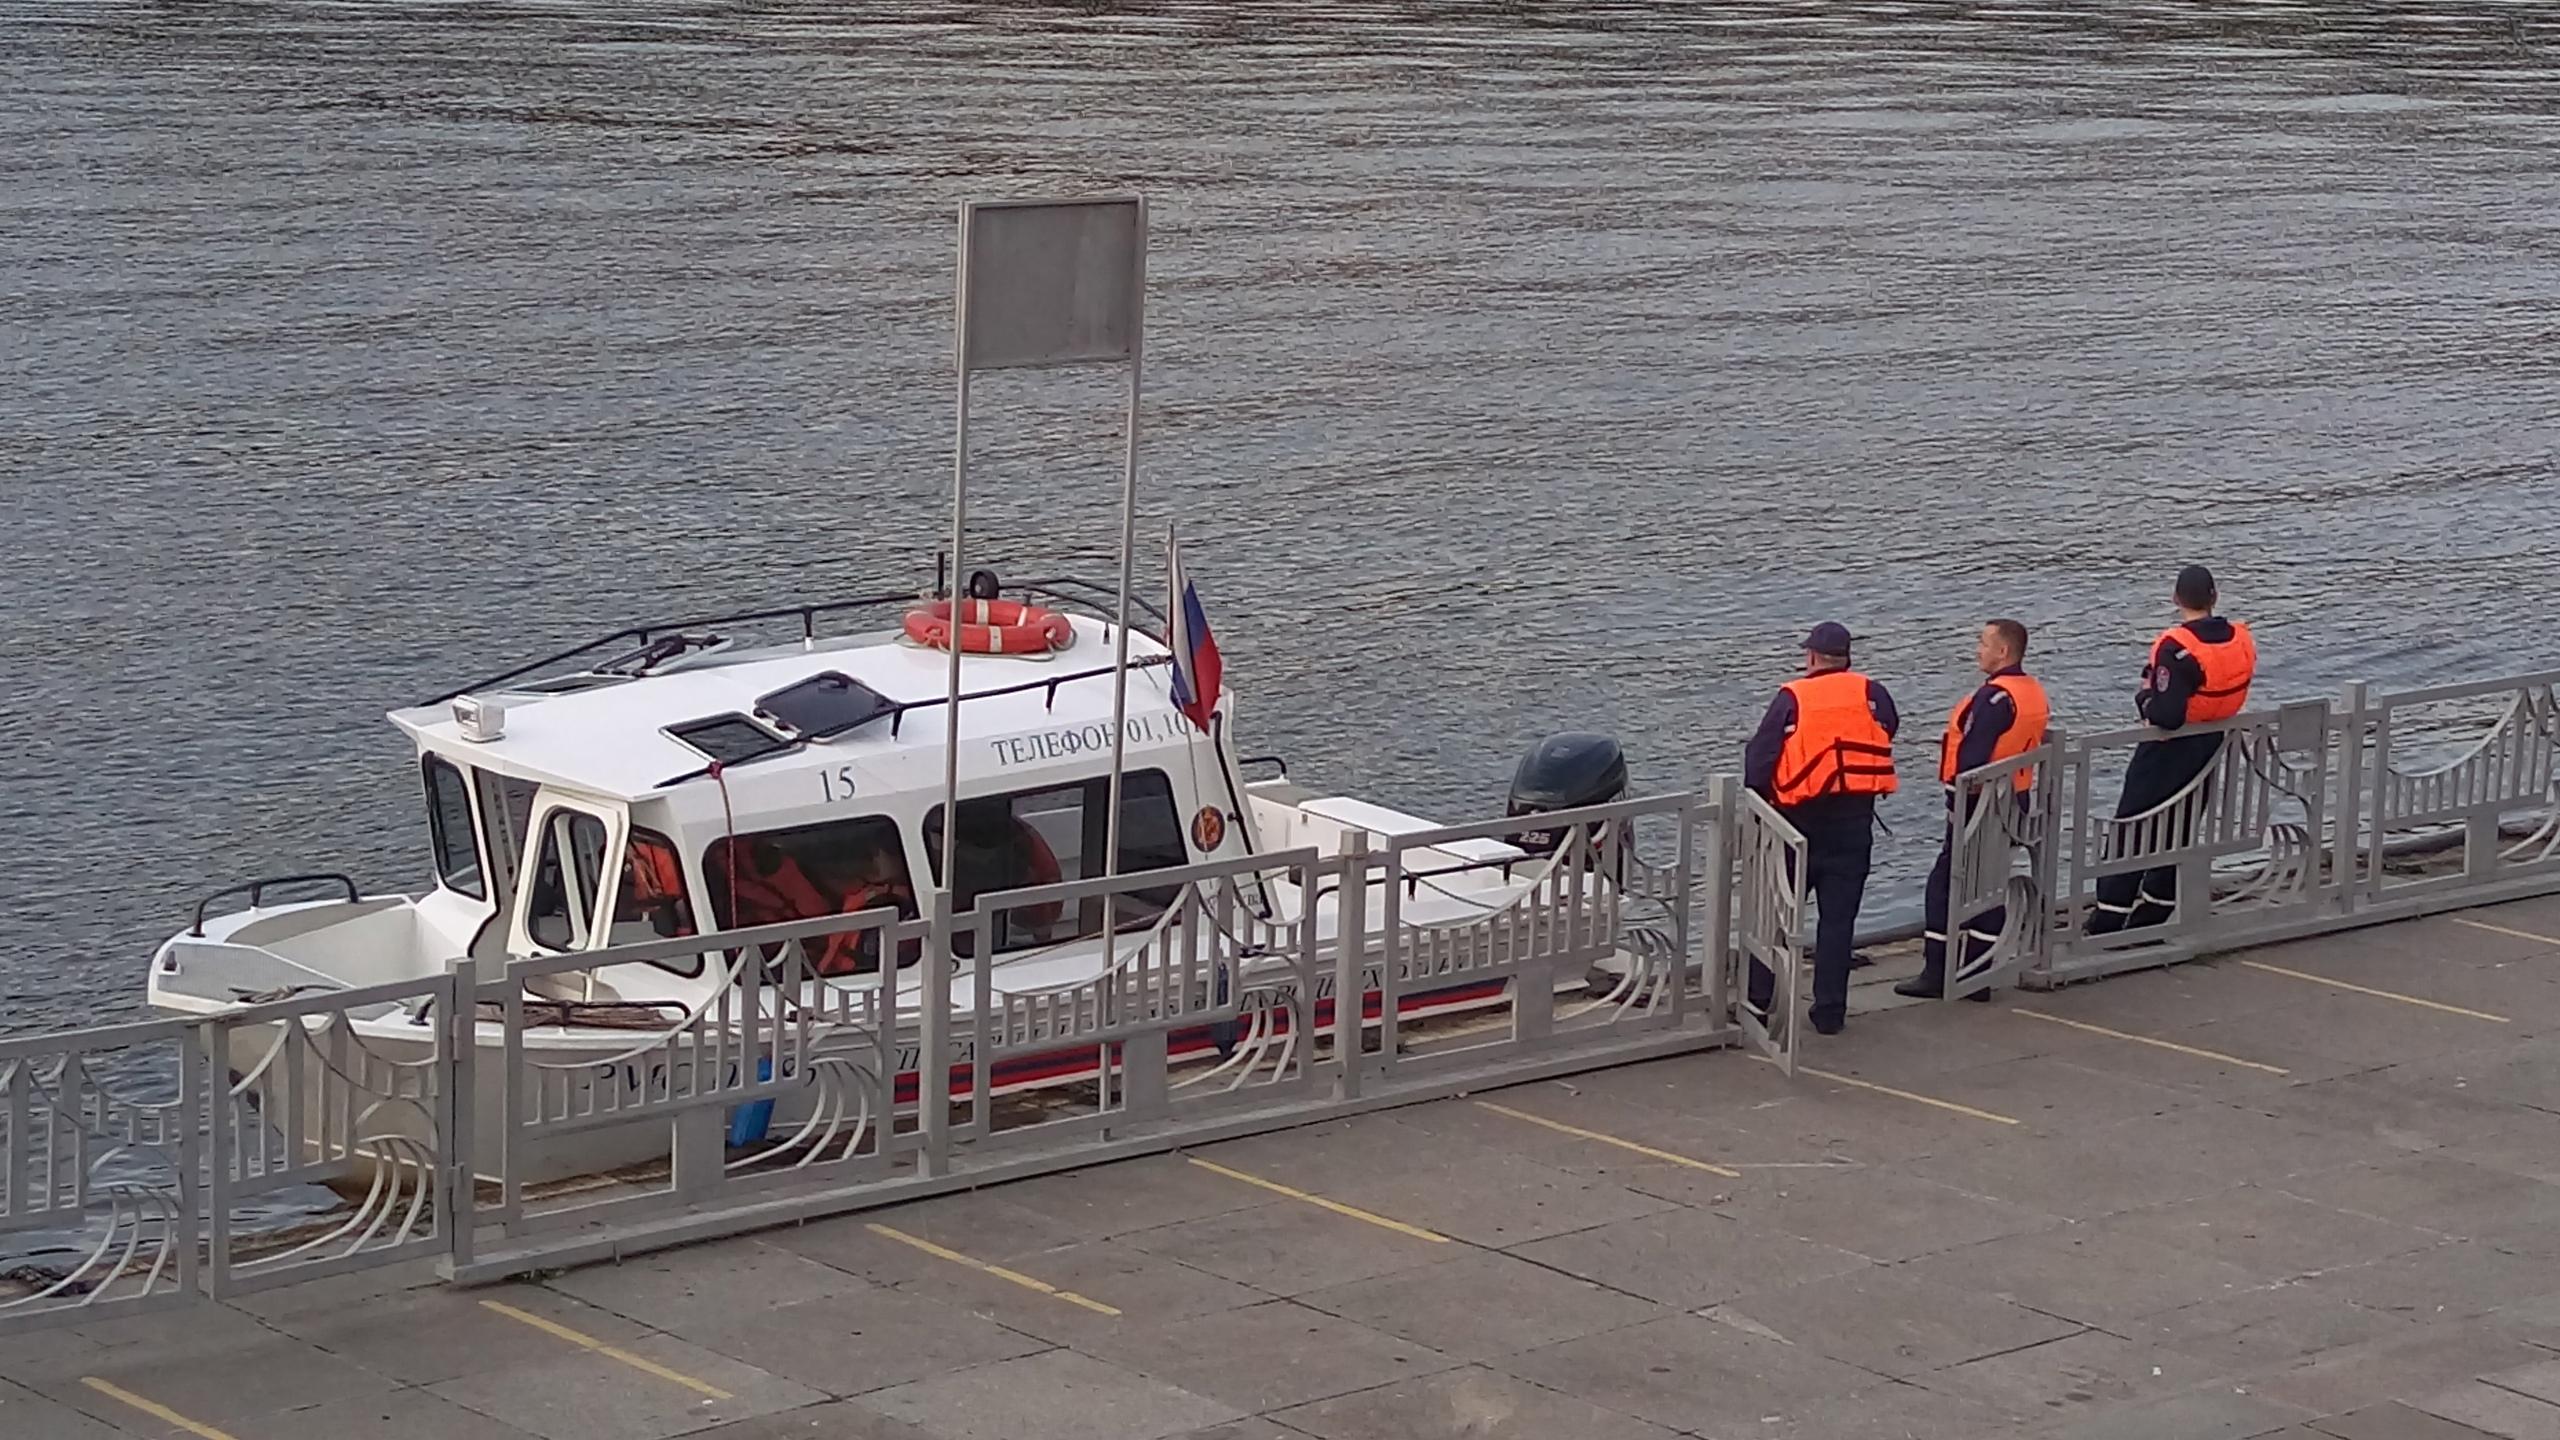 Полиция задержала мужчину, прыгнувшего в Москву-реку с моста в столичном парке «Зарядье», сообщил Агентству городских новостей «Москва» источник в экстренных службах.